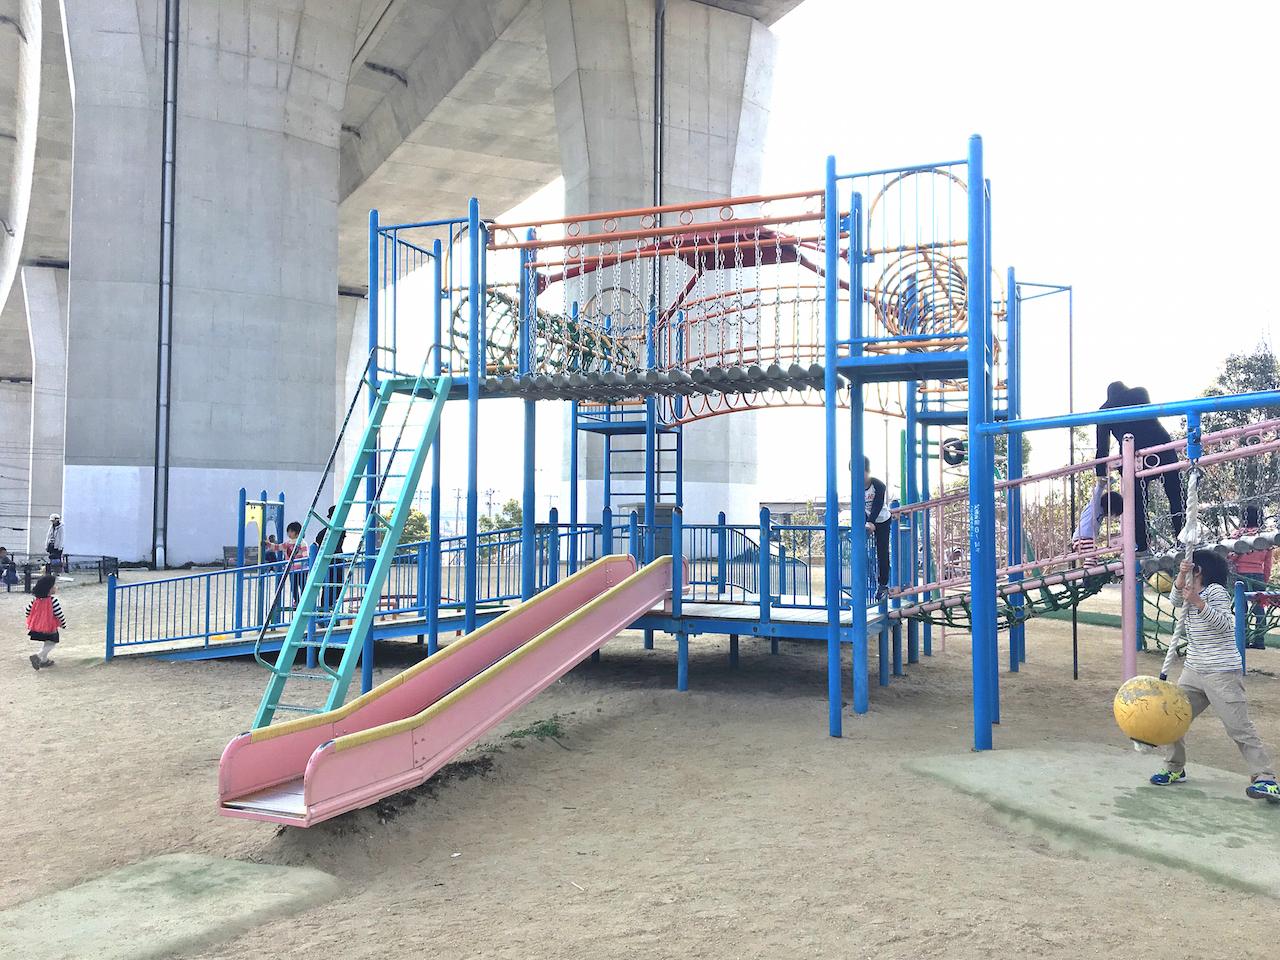 垂水区の名谷あじさい公園は夏場でも日陰ができる無料駐車場完備のいい公園です